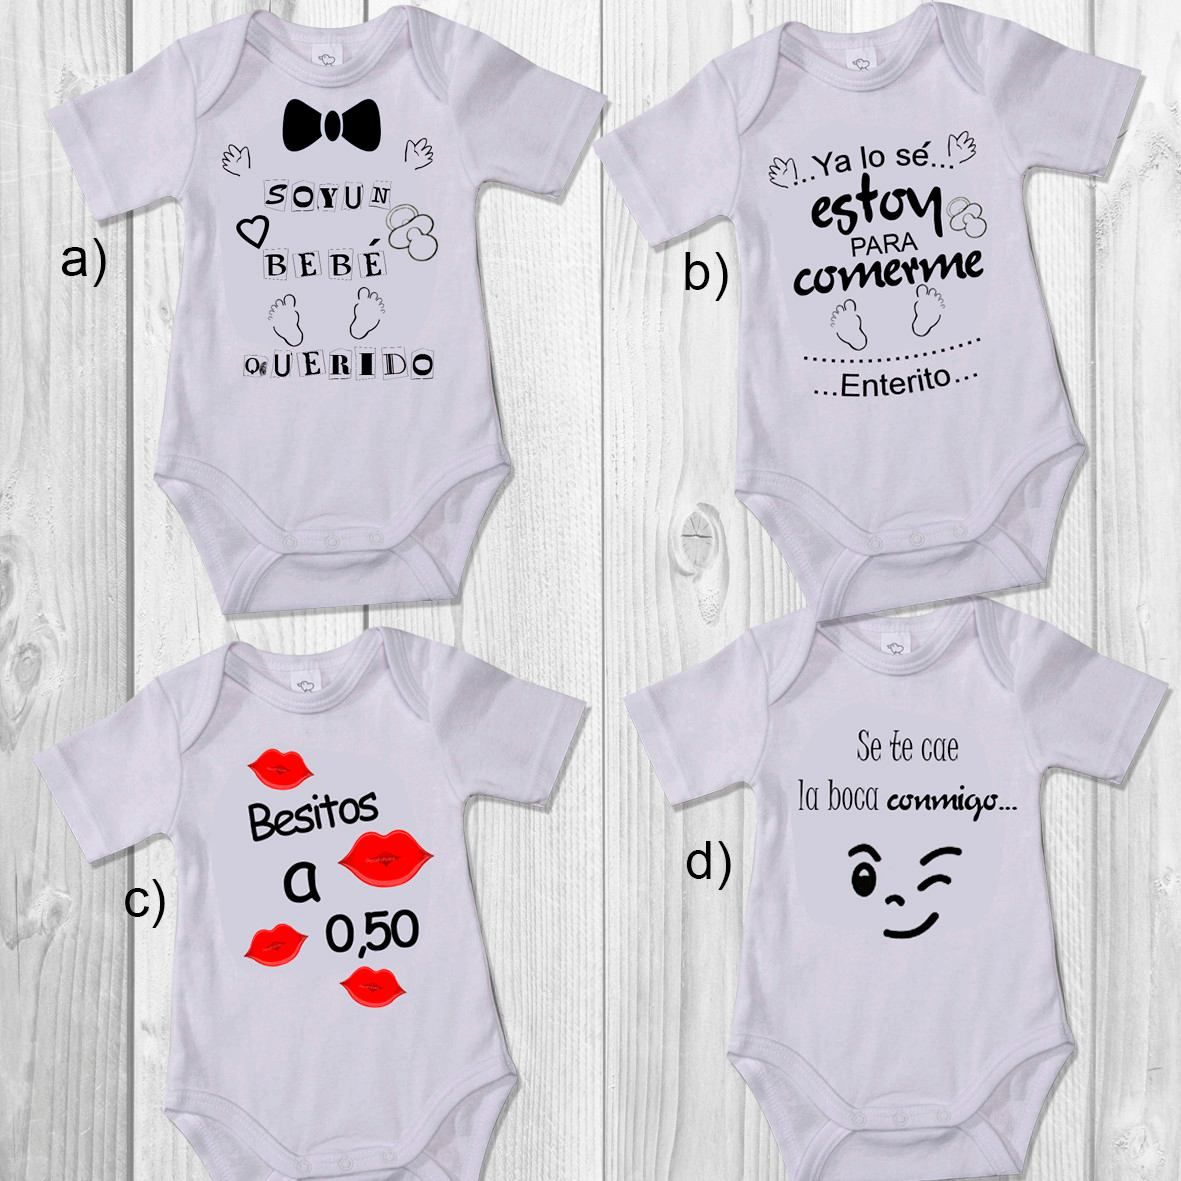 2fa6e6060 Bodys Personalizados Para Bebés De 0 A 24 Meses - Bs. 25.000,00 ...